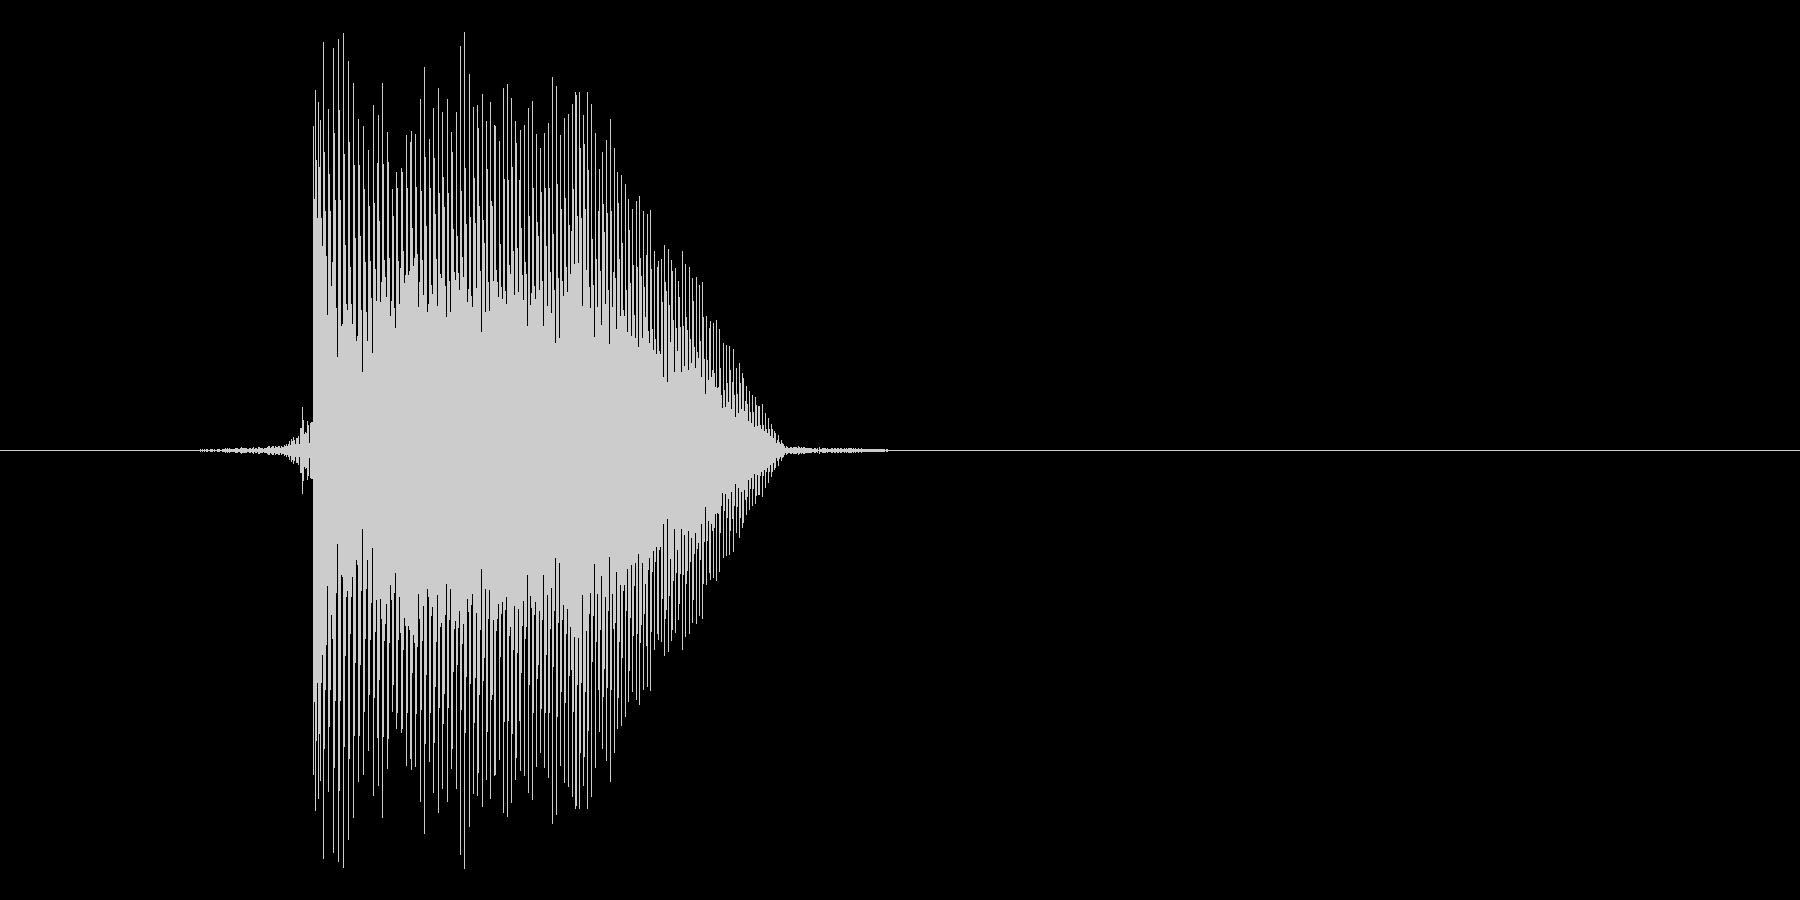 ゲーム(ファミコン風)ジャンプ音_028の未再生の波形